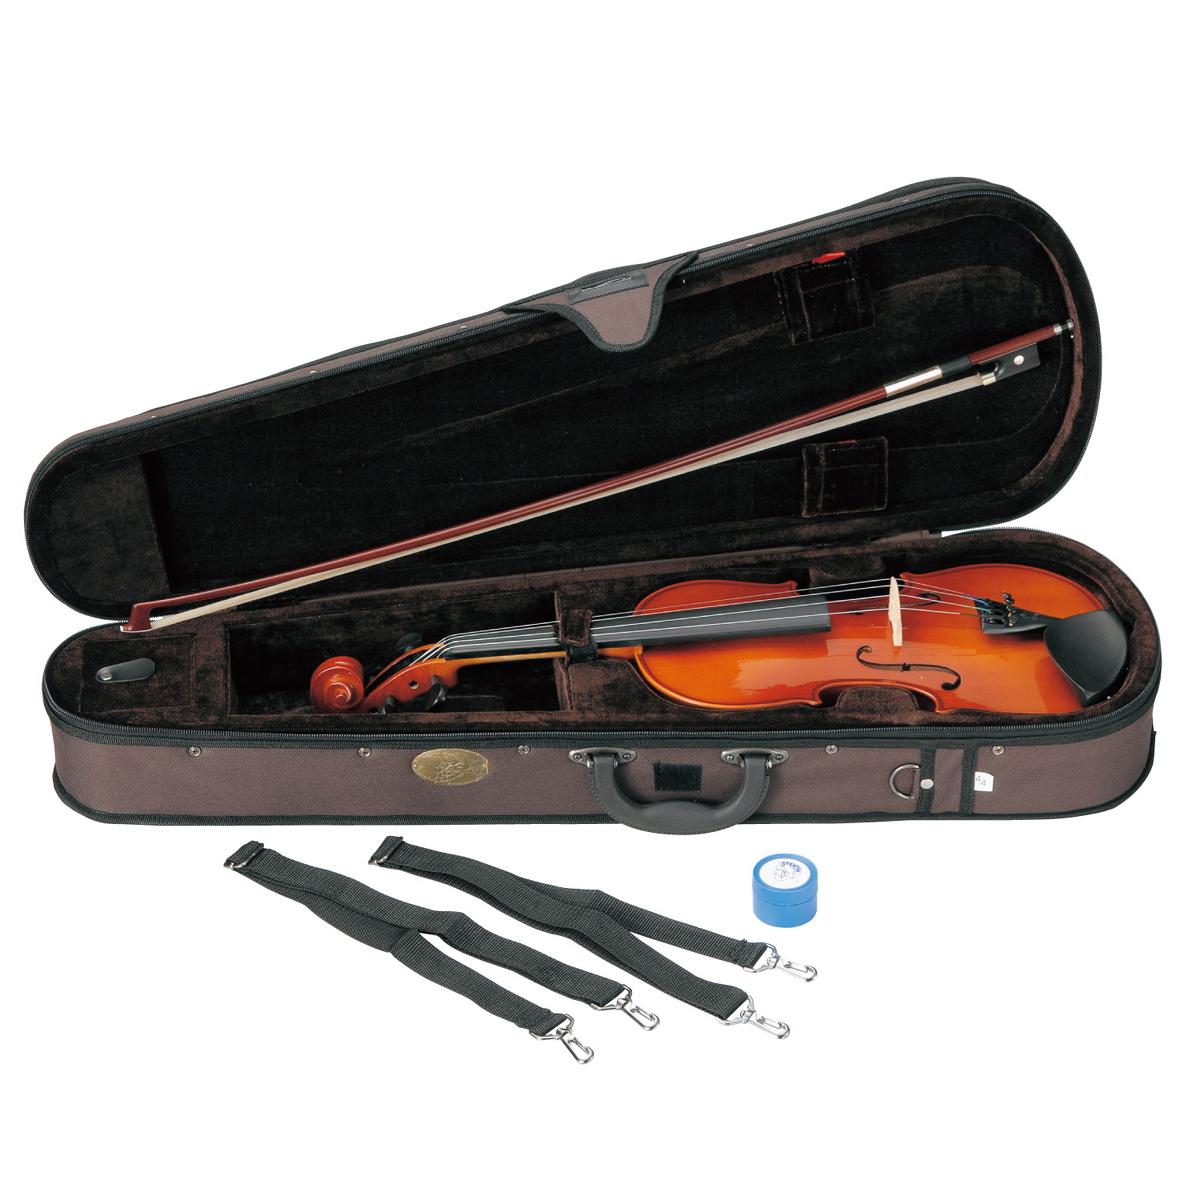 【弓/松脂/ケース付】STENTOR SV-120 4/4 新品 バイオリンセット[ステンター][Violin,ヴァイオリン][初心者/入門用]